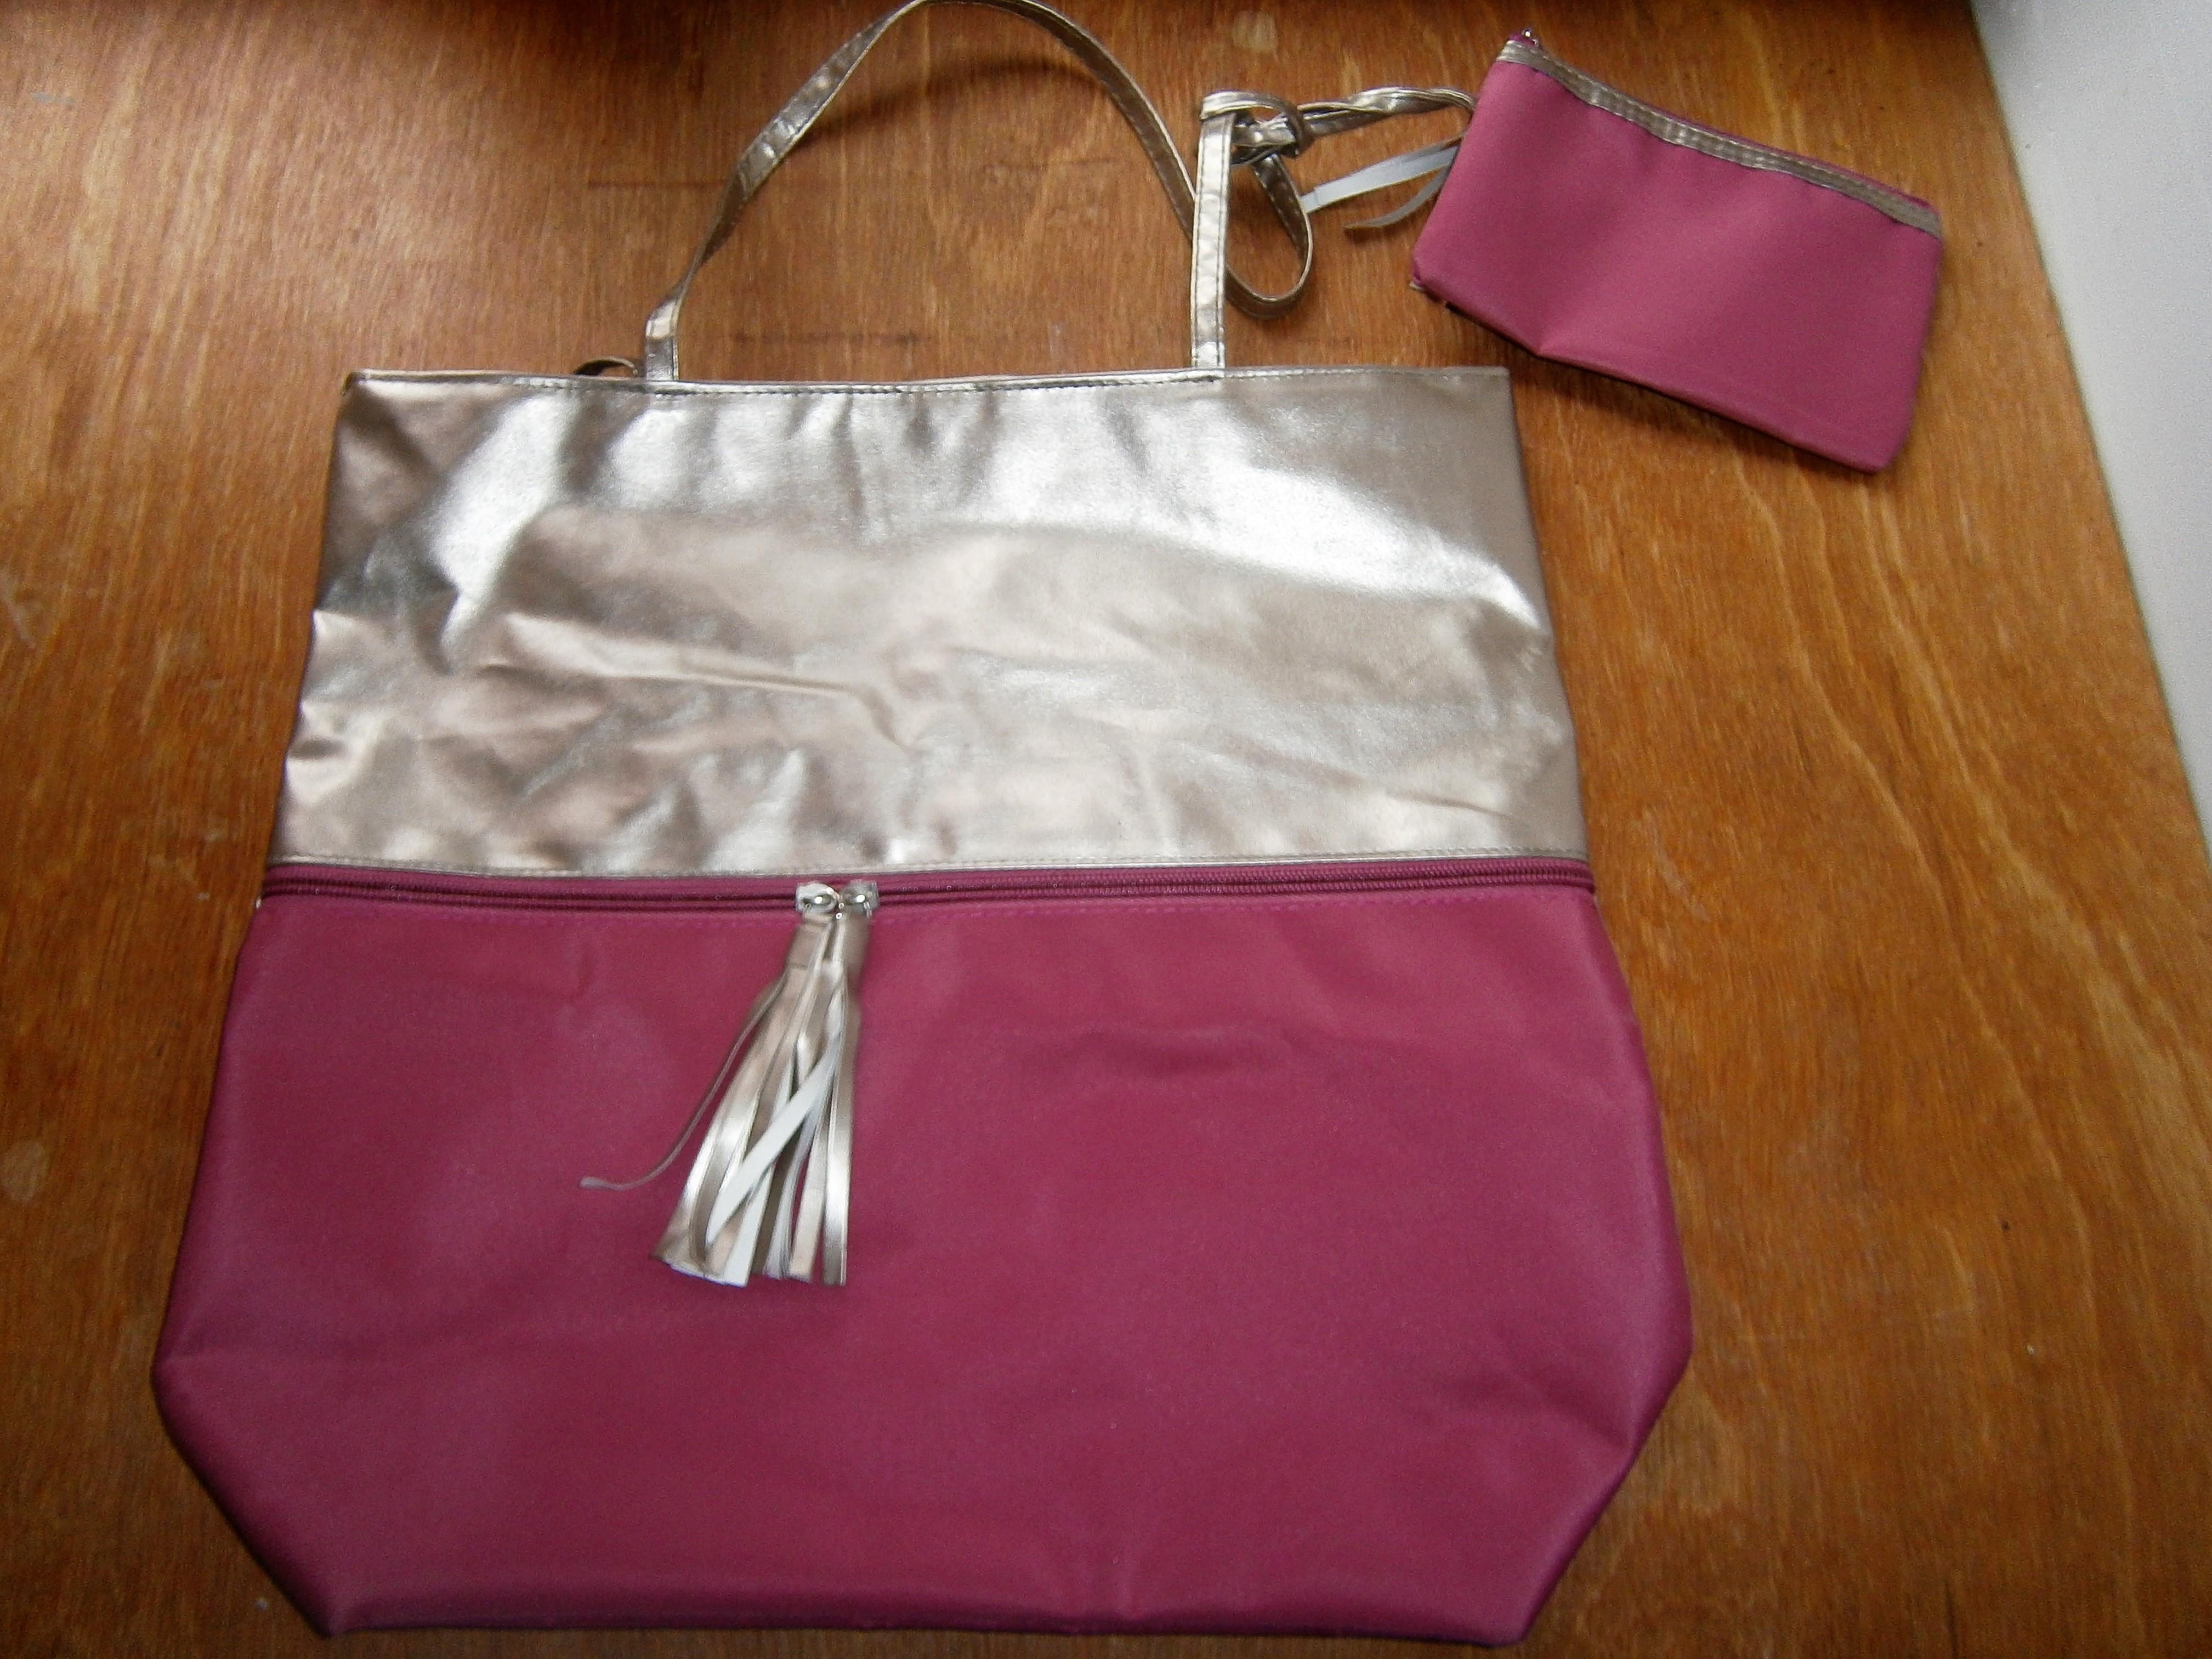 troc de troc sac et pochette rose et doré image 0